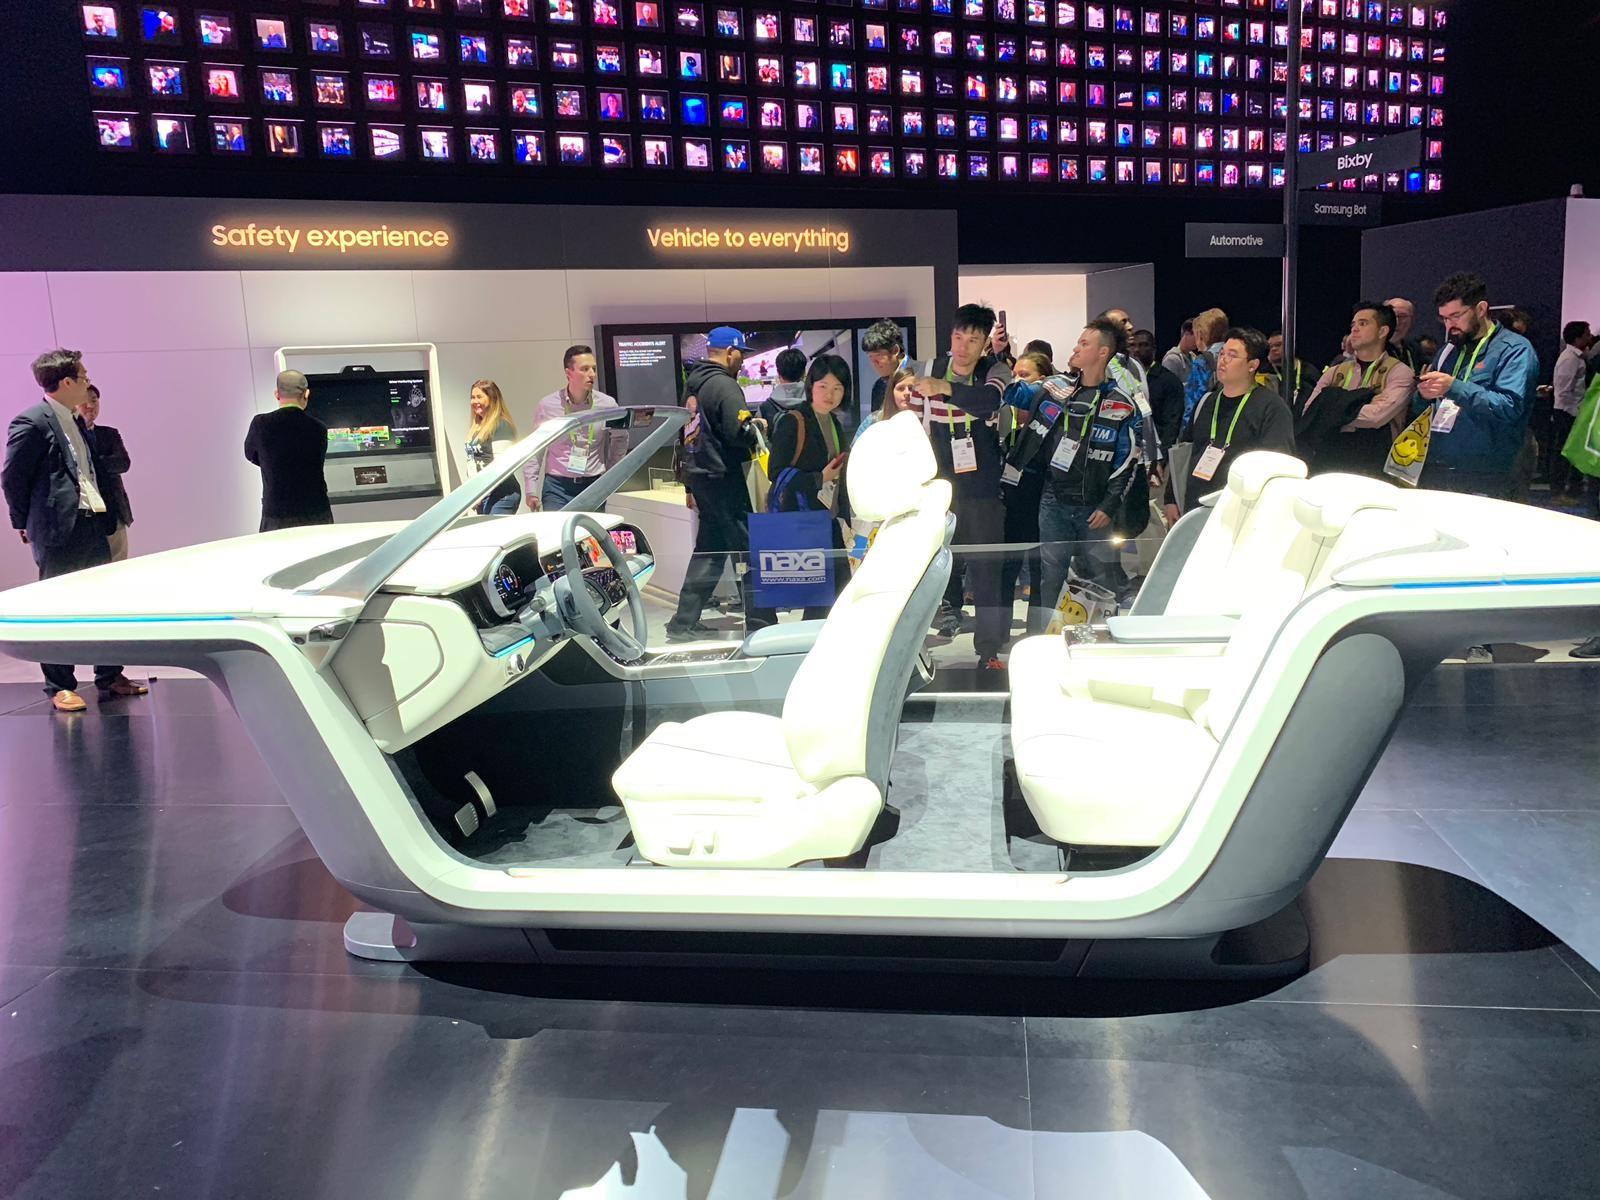 Stand da Samsung durante a CES 2019 mostra conceito de carro autônomo da empresa (Foto: Natasha De Caiado Castro)